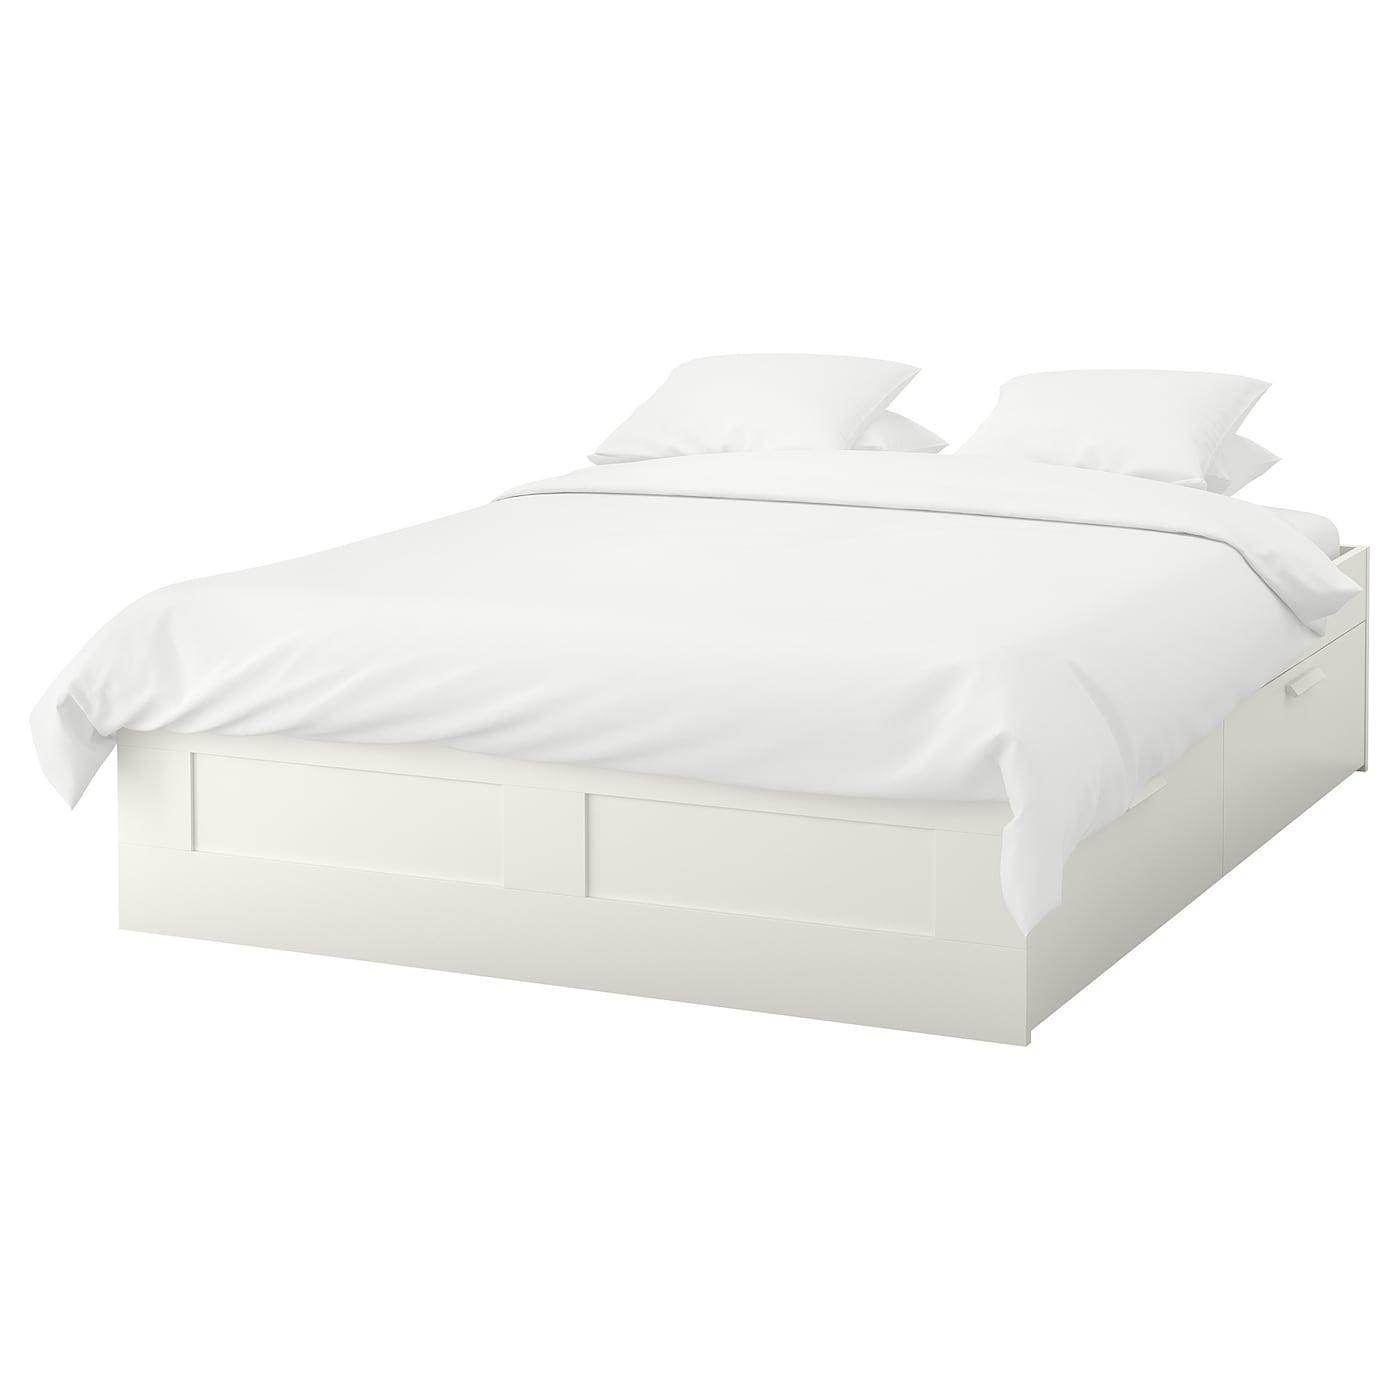 Brimnes estructura cama almacenaje blanco 140 x 200 cm ikea - Estructura cama cajones ...